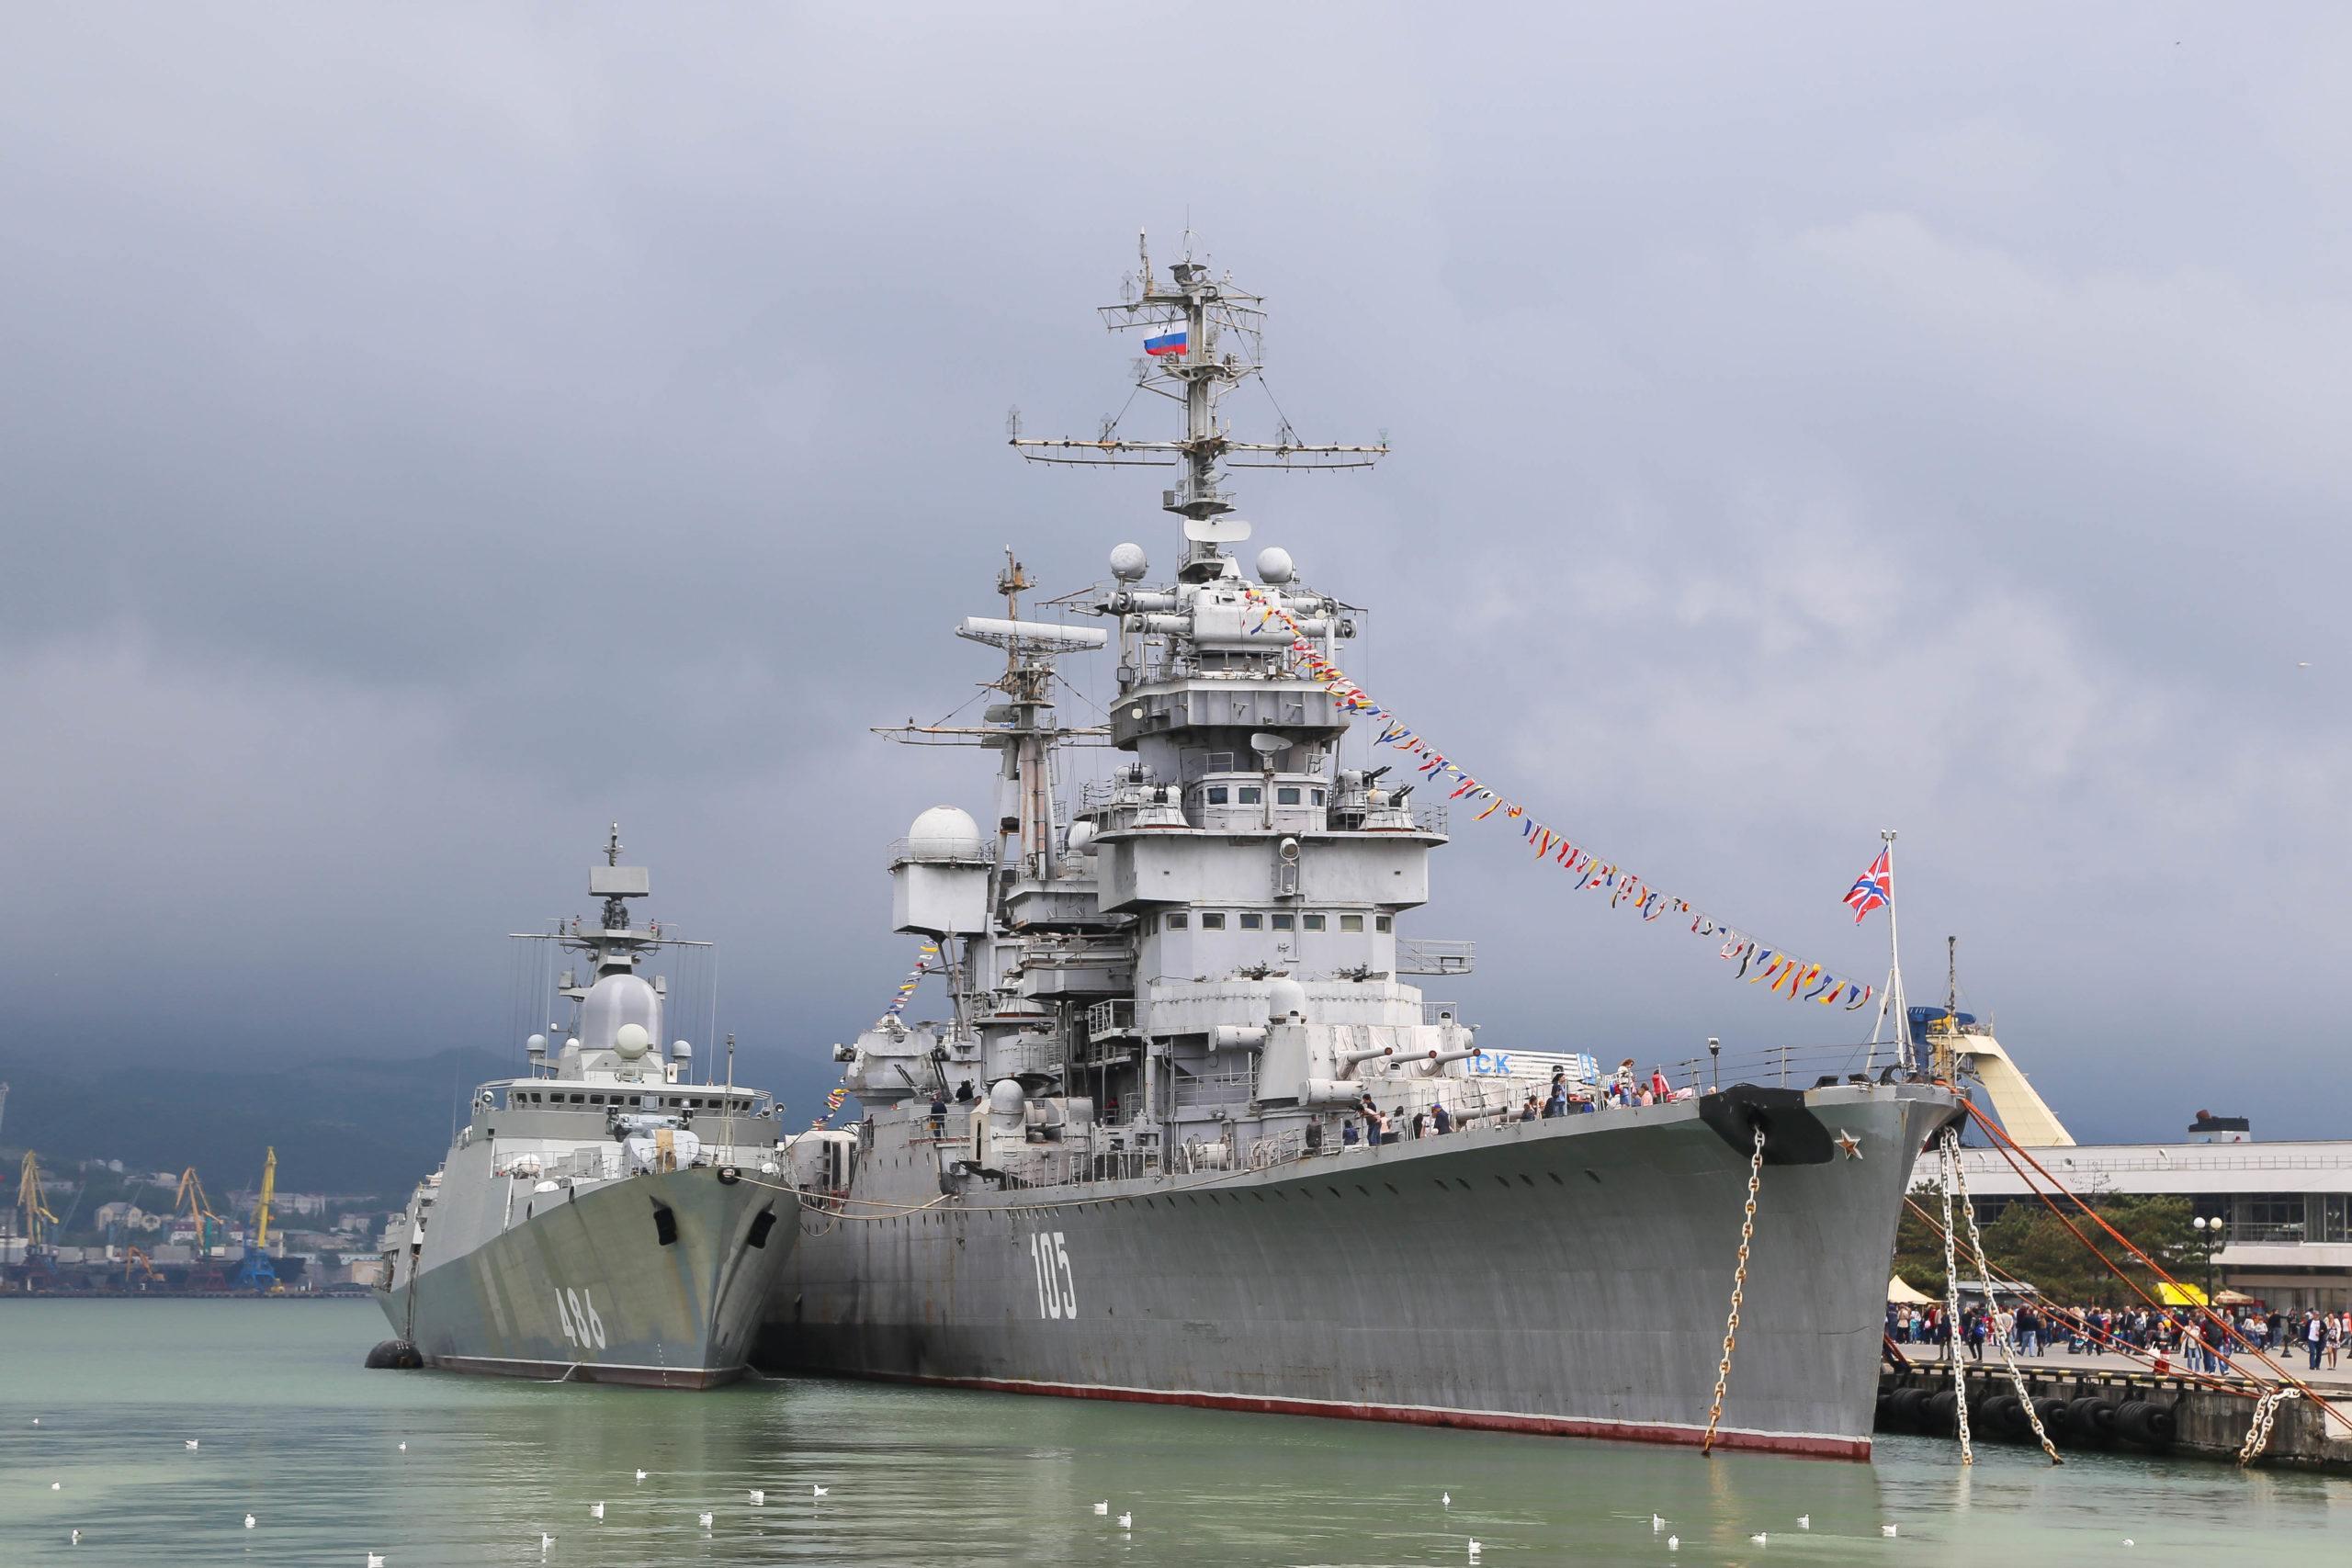 В День ВМФ крейсер-музей «Михаил Кутузов» приглашает на бесплатные экскурсии